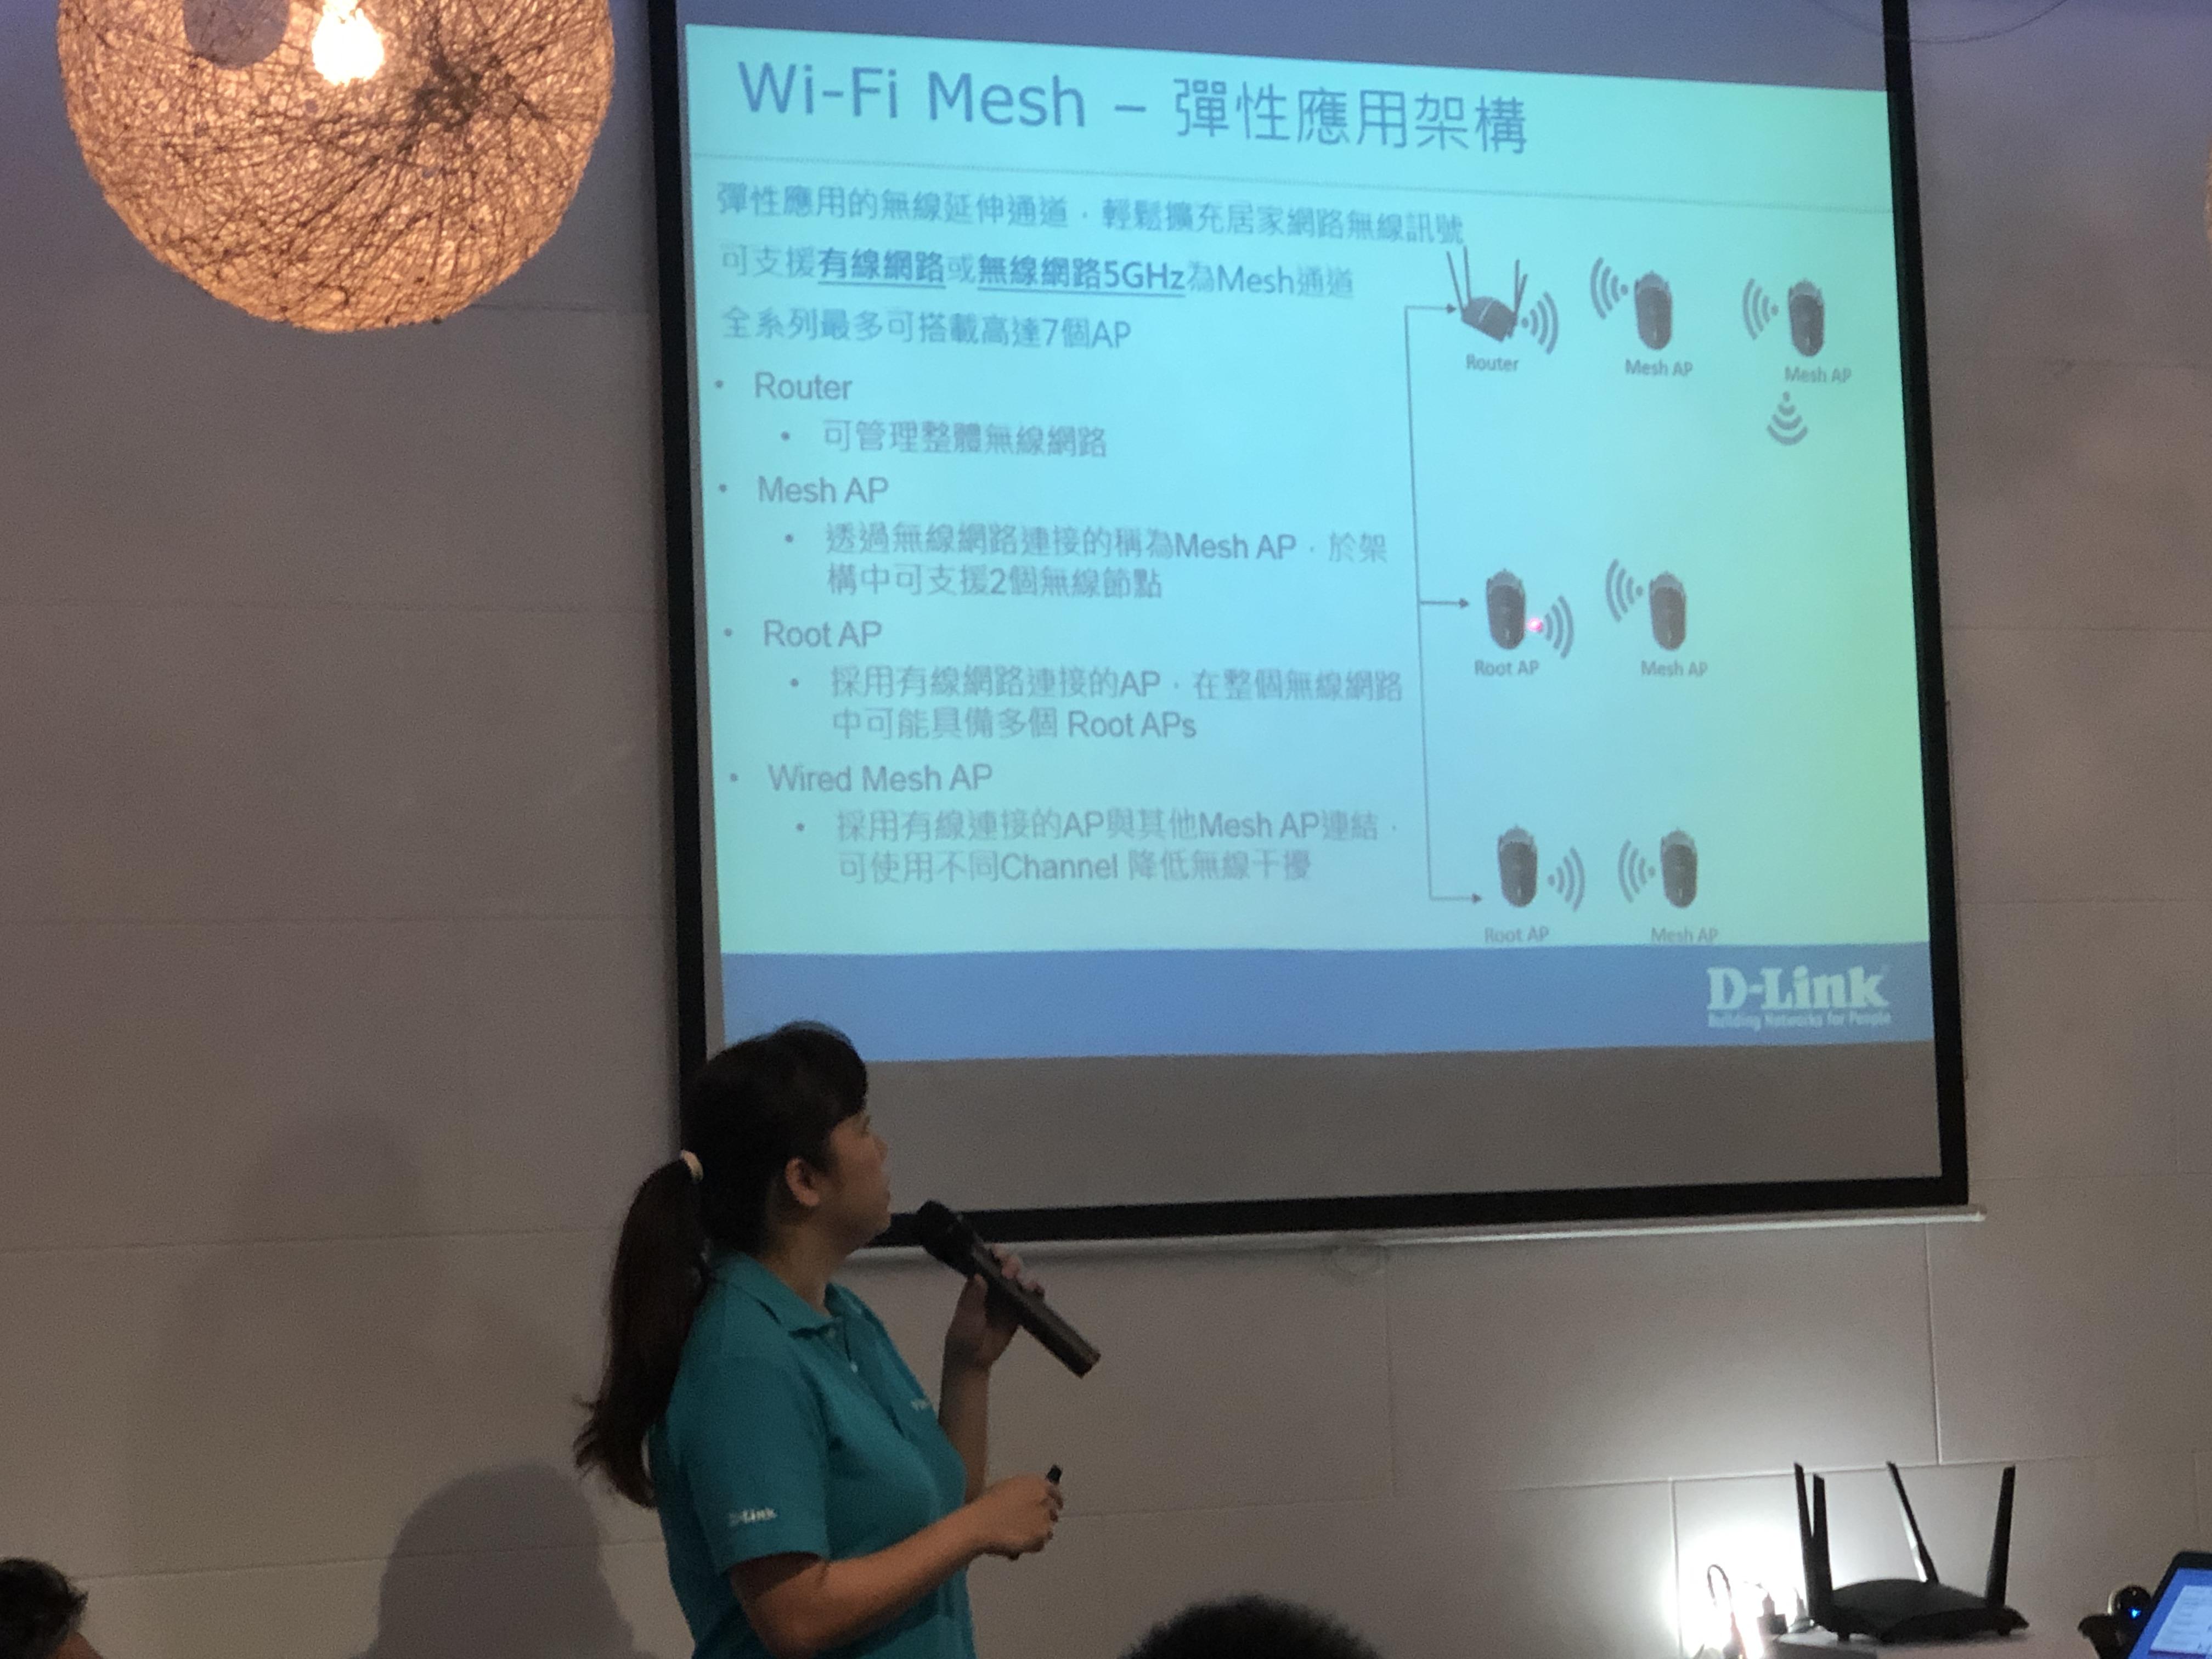 透過有線或無線的延伸能讓網路架構更靈活